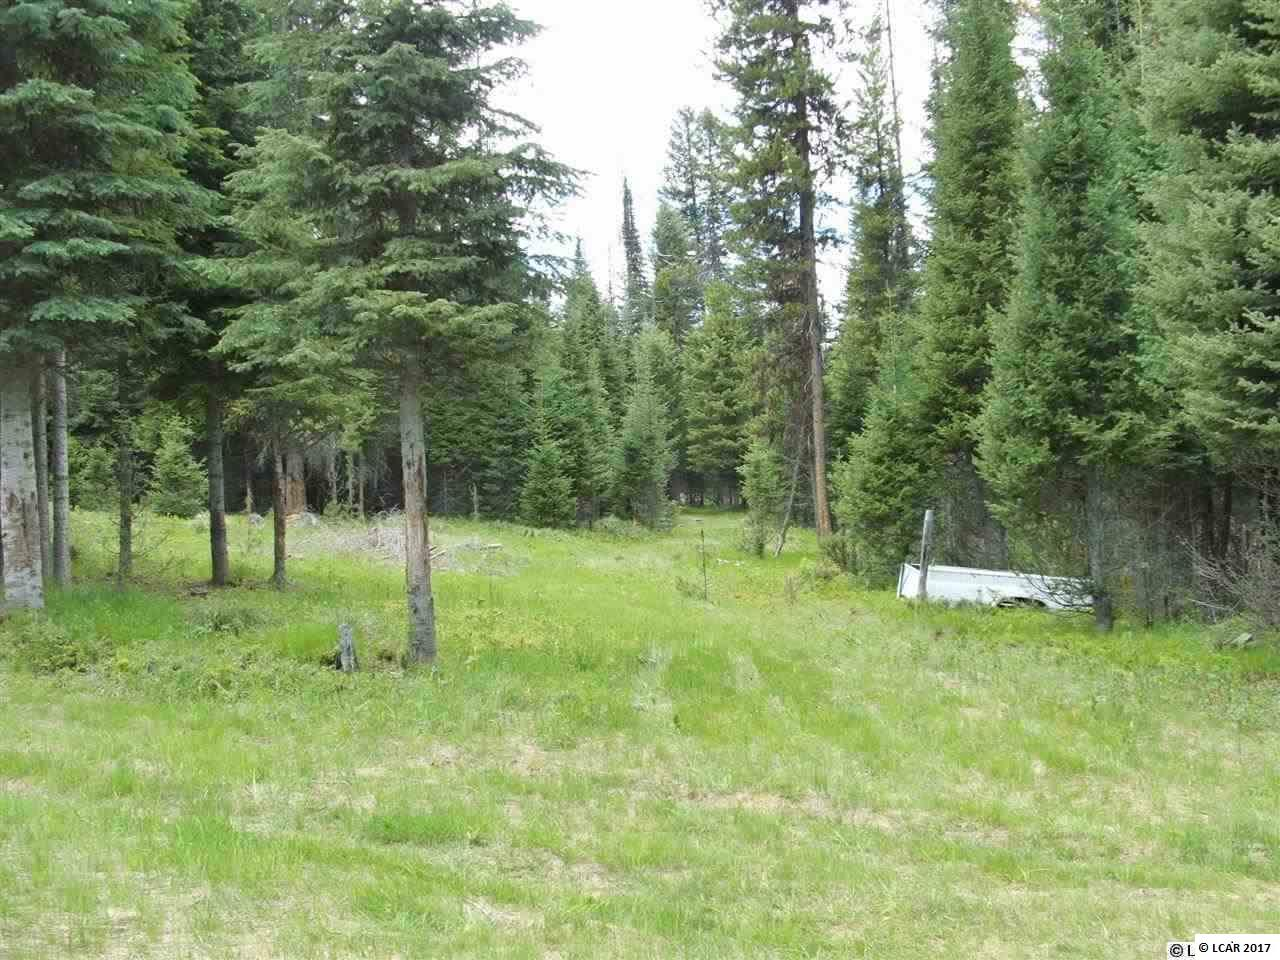 TBD Hidden Springs Rd. Elk City, ID 83525